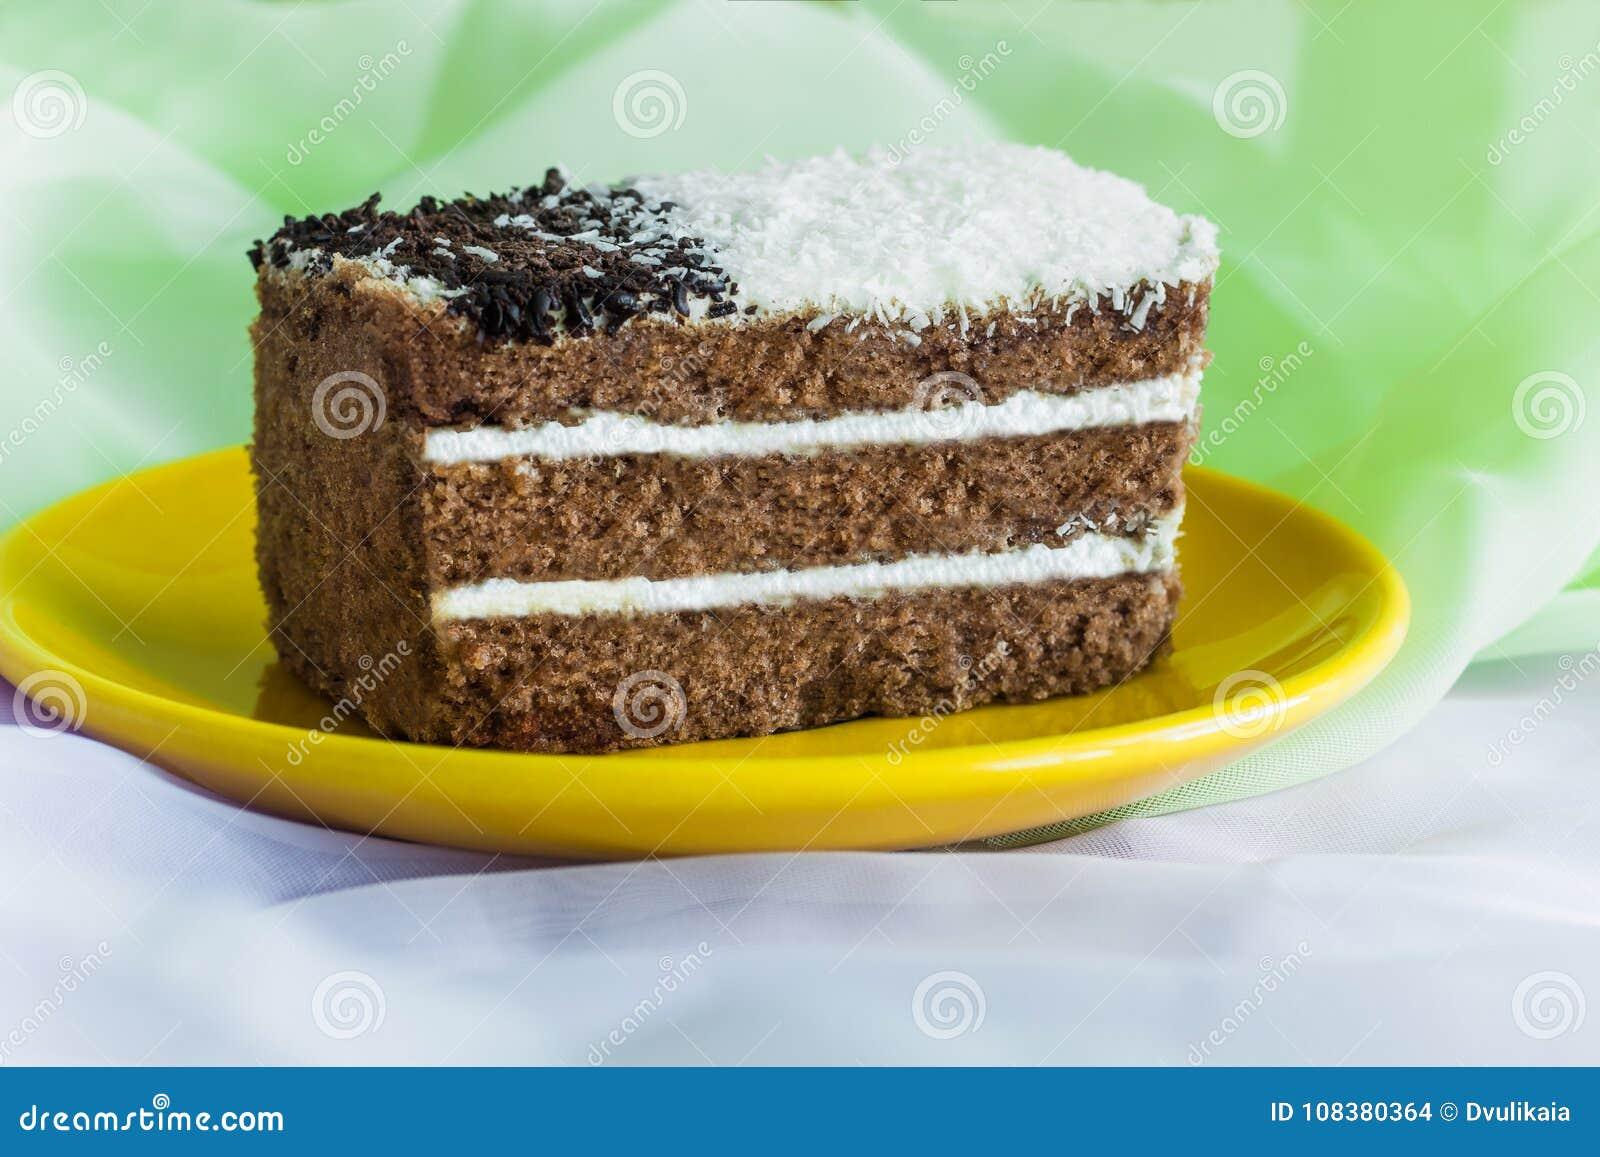 Schokoladenkuchen mit einer Schicht Schlagsahne